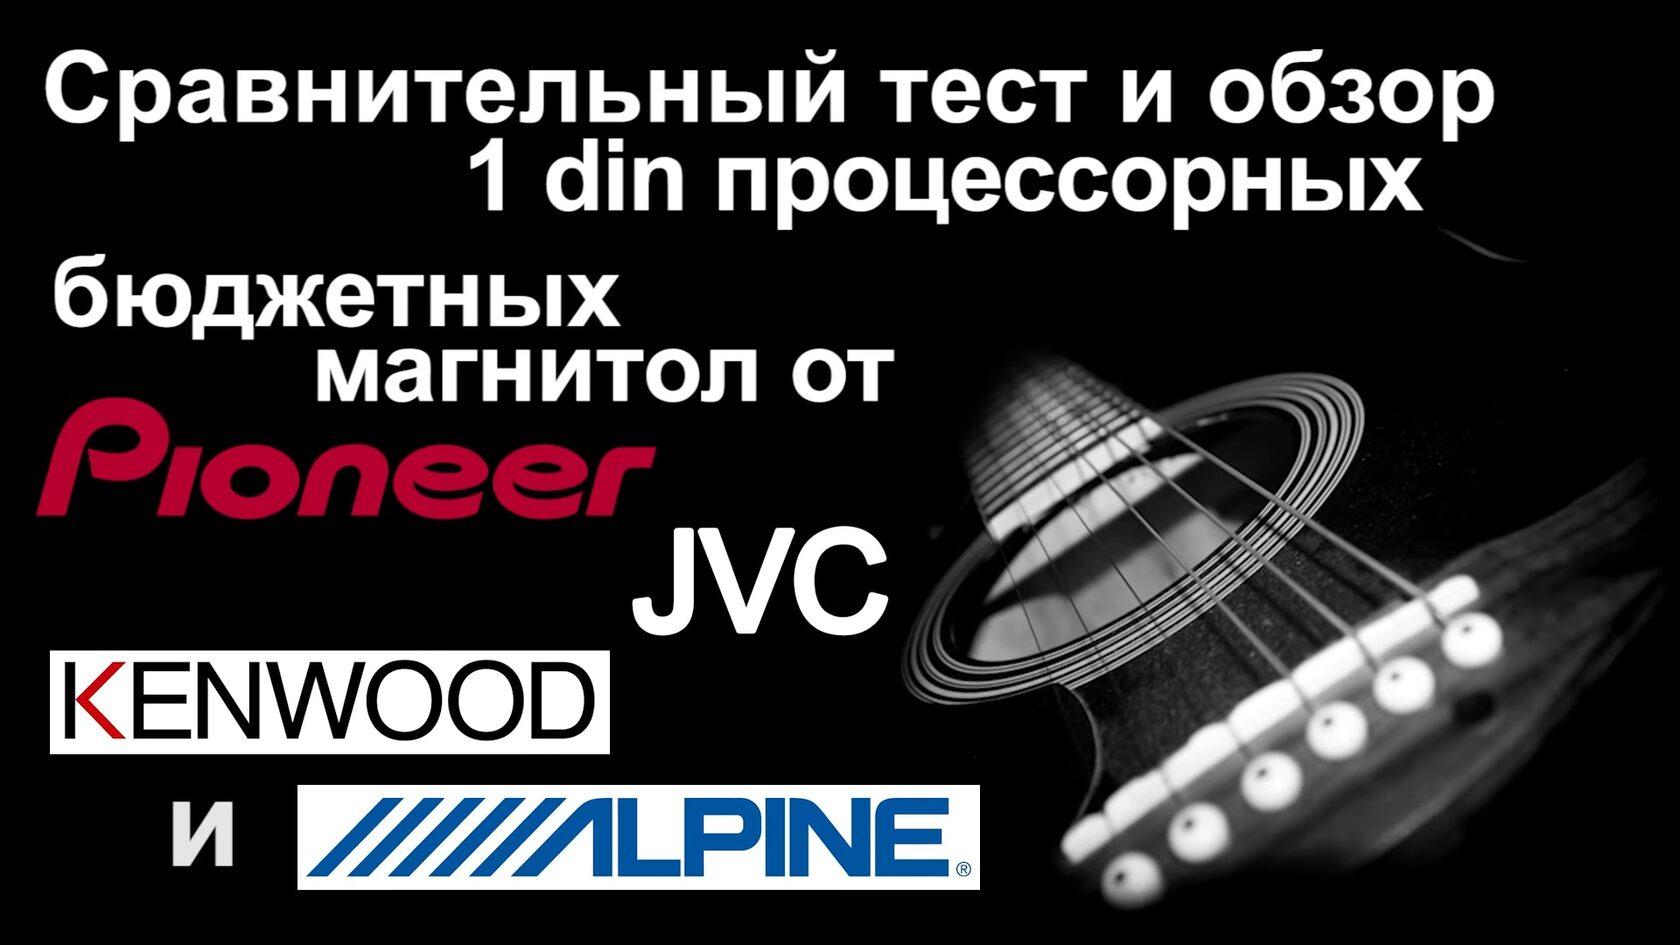 процессорные магнитолы alpine jvc pioneer kenwood сравнение тест